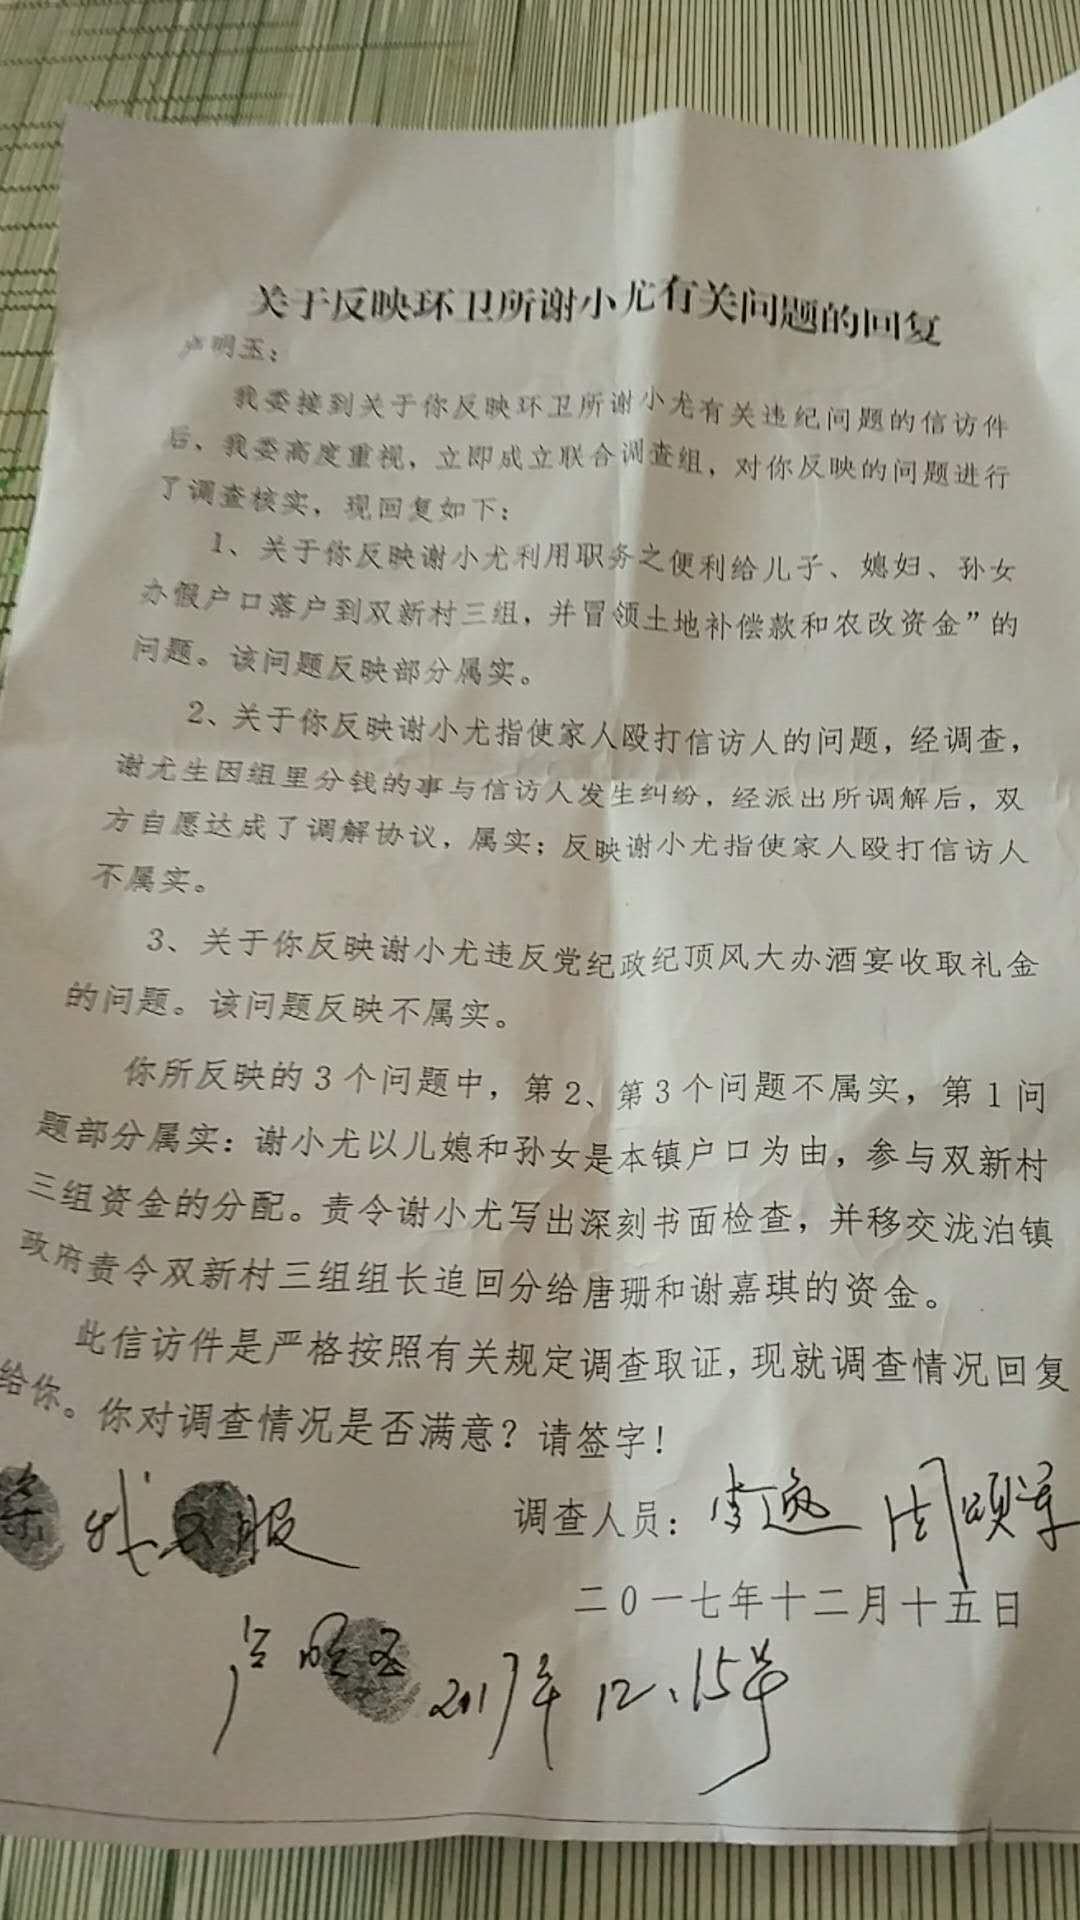 环卫所长谢小尤多起违法违法行为,双牌县纪委吃素还是姑息养奸?